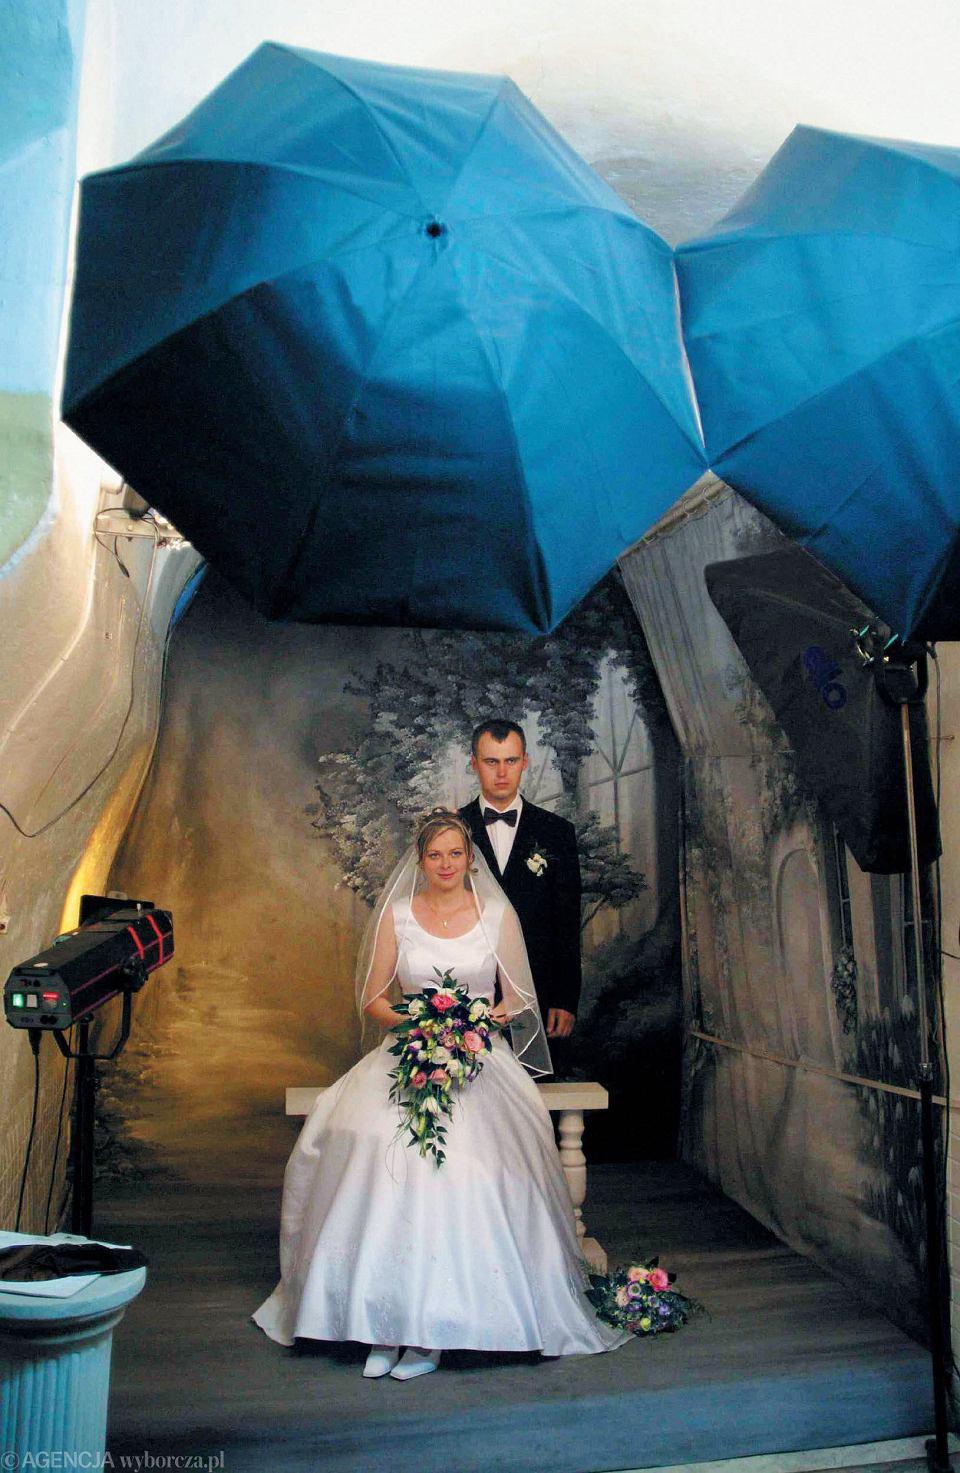 Michał i Magda. Poznali się w rocznicę Porozumień Sierpniowych; zaręczyli w Święto Niepodległości; wesele mieli w dniu referendum europejskiego